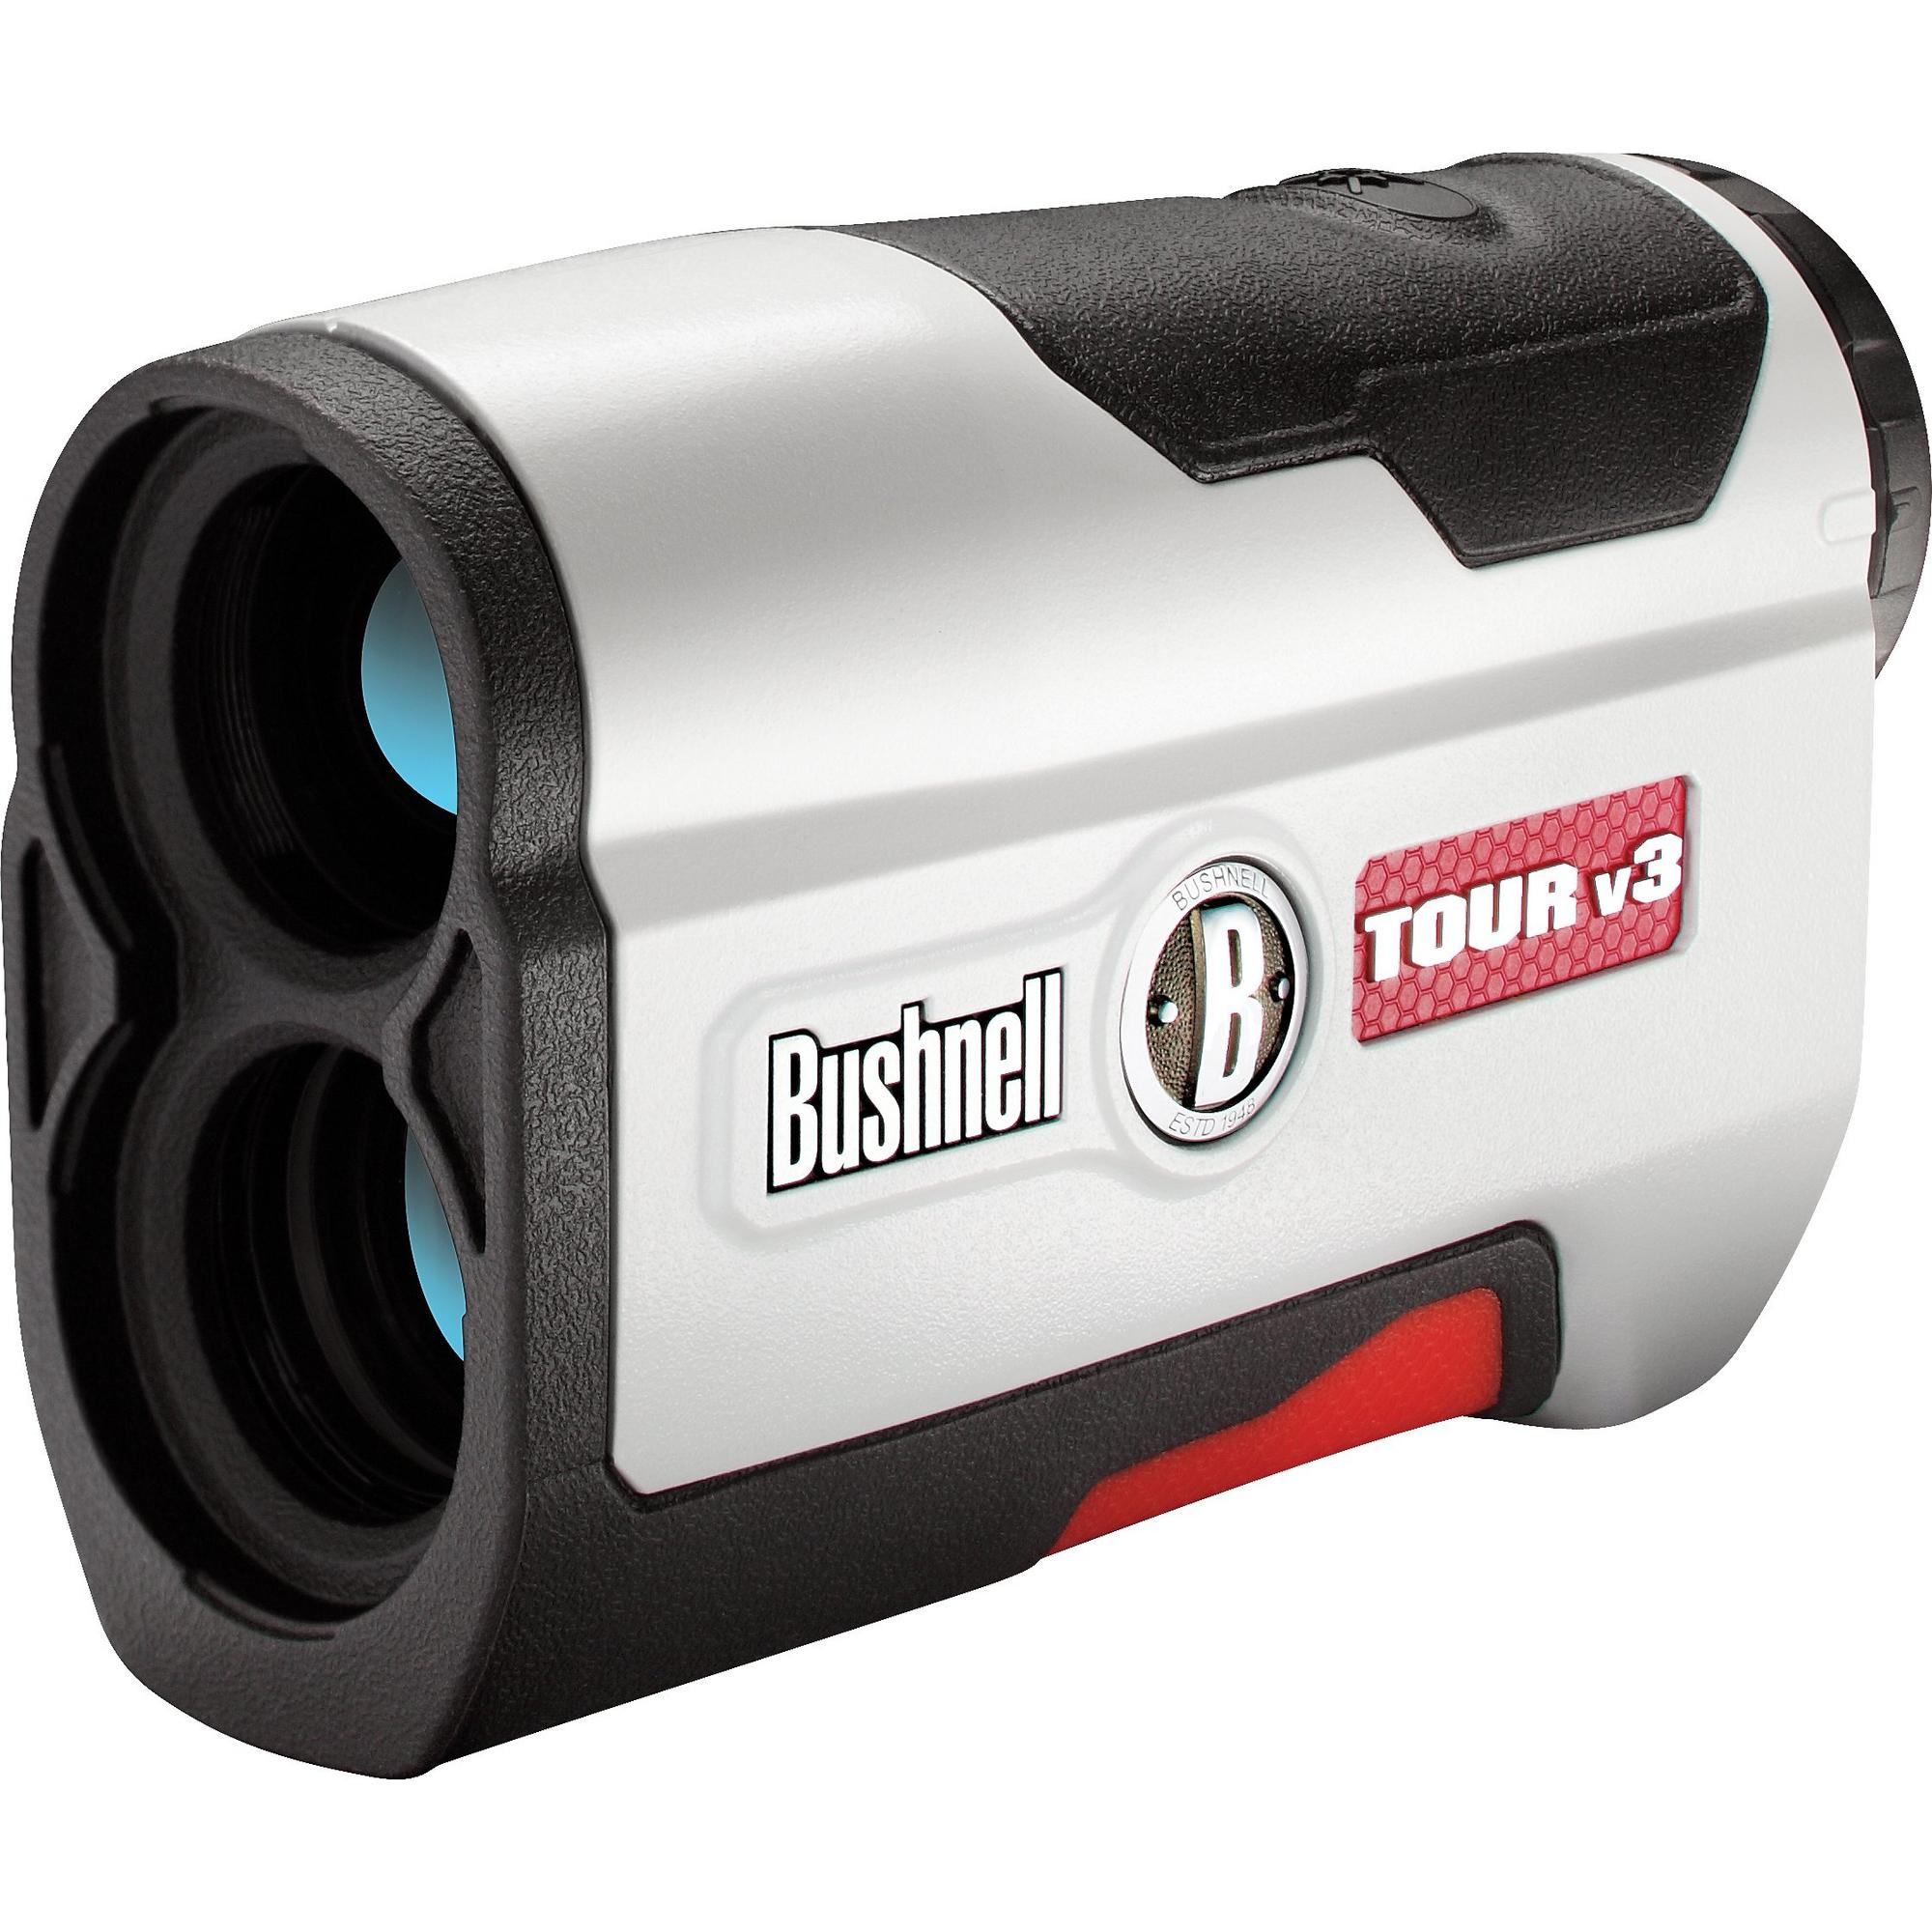 Télémètre laser Tour v3